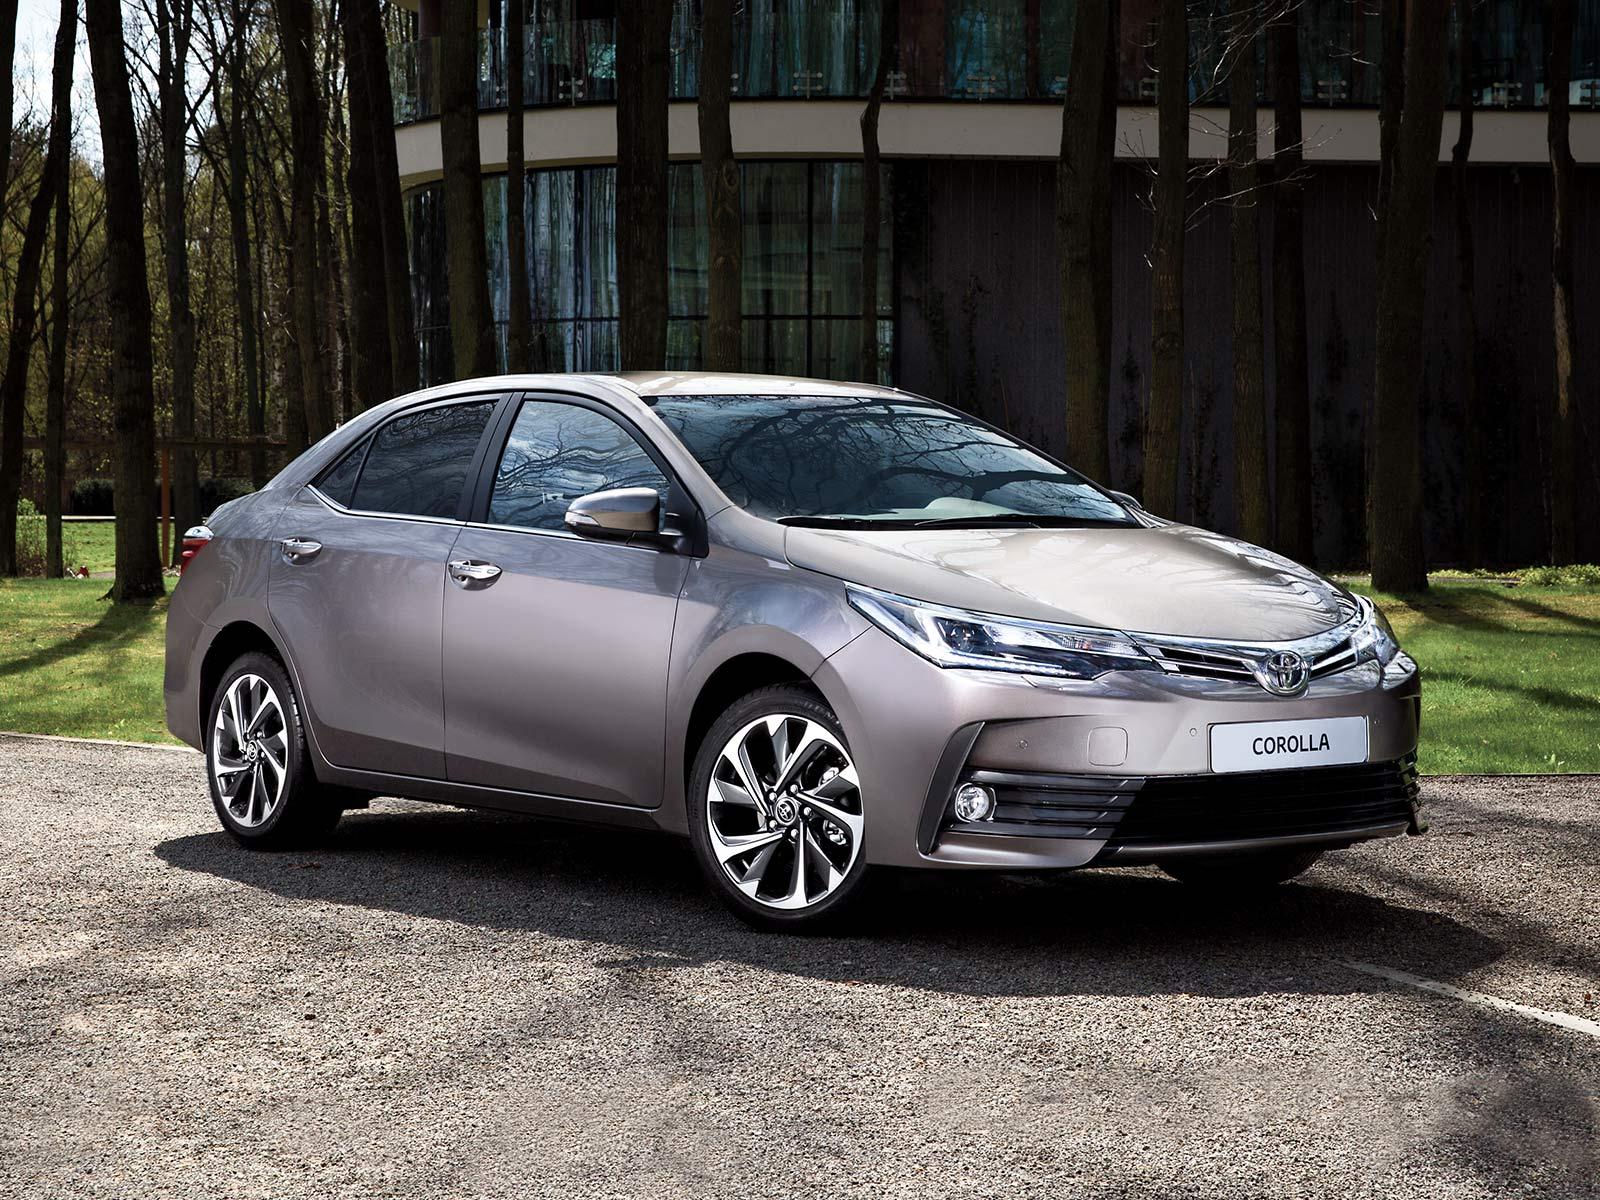 nowy samochód do 80 tys